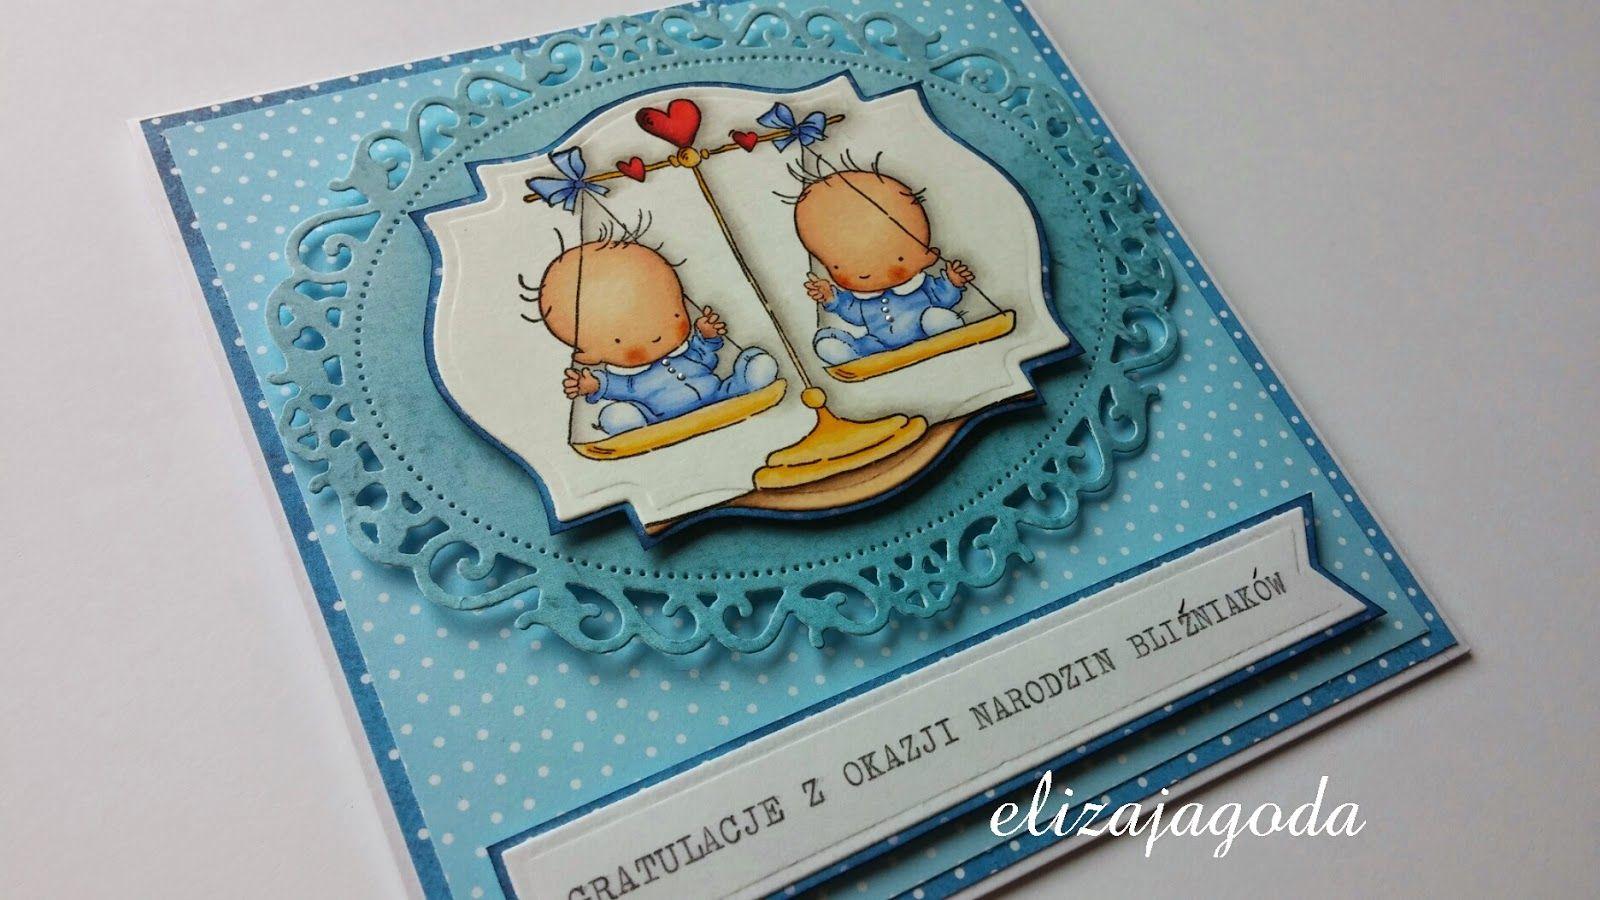 Gratulacje Z Okazji Narodzin Blizniakow With Images Coasters